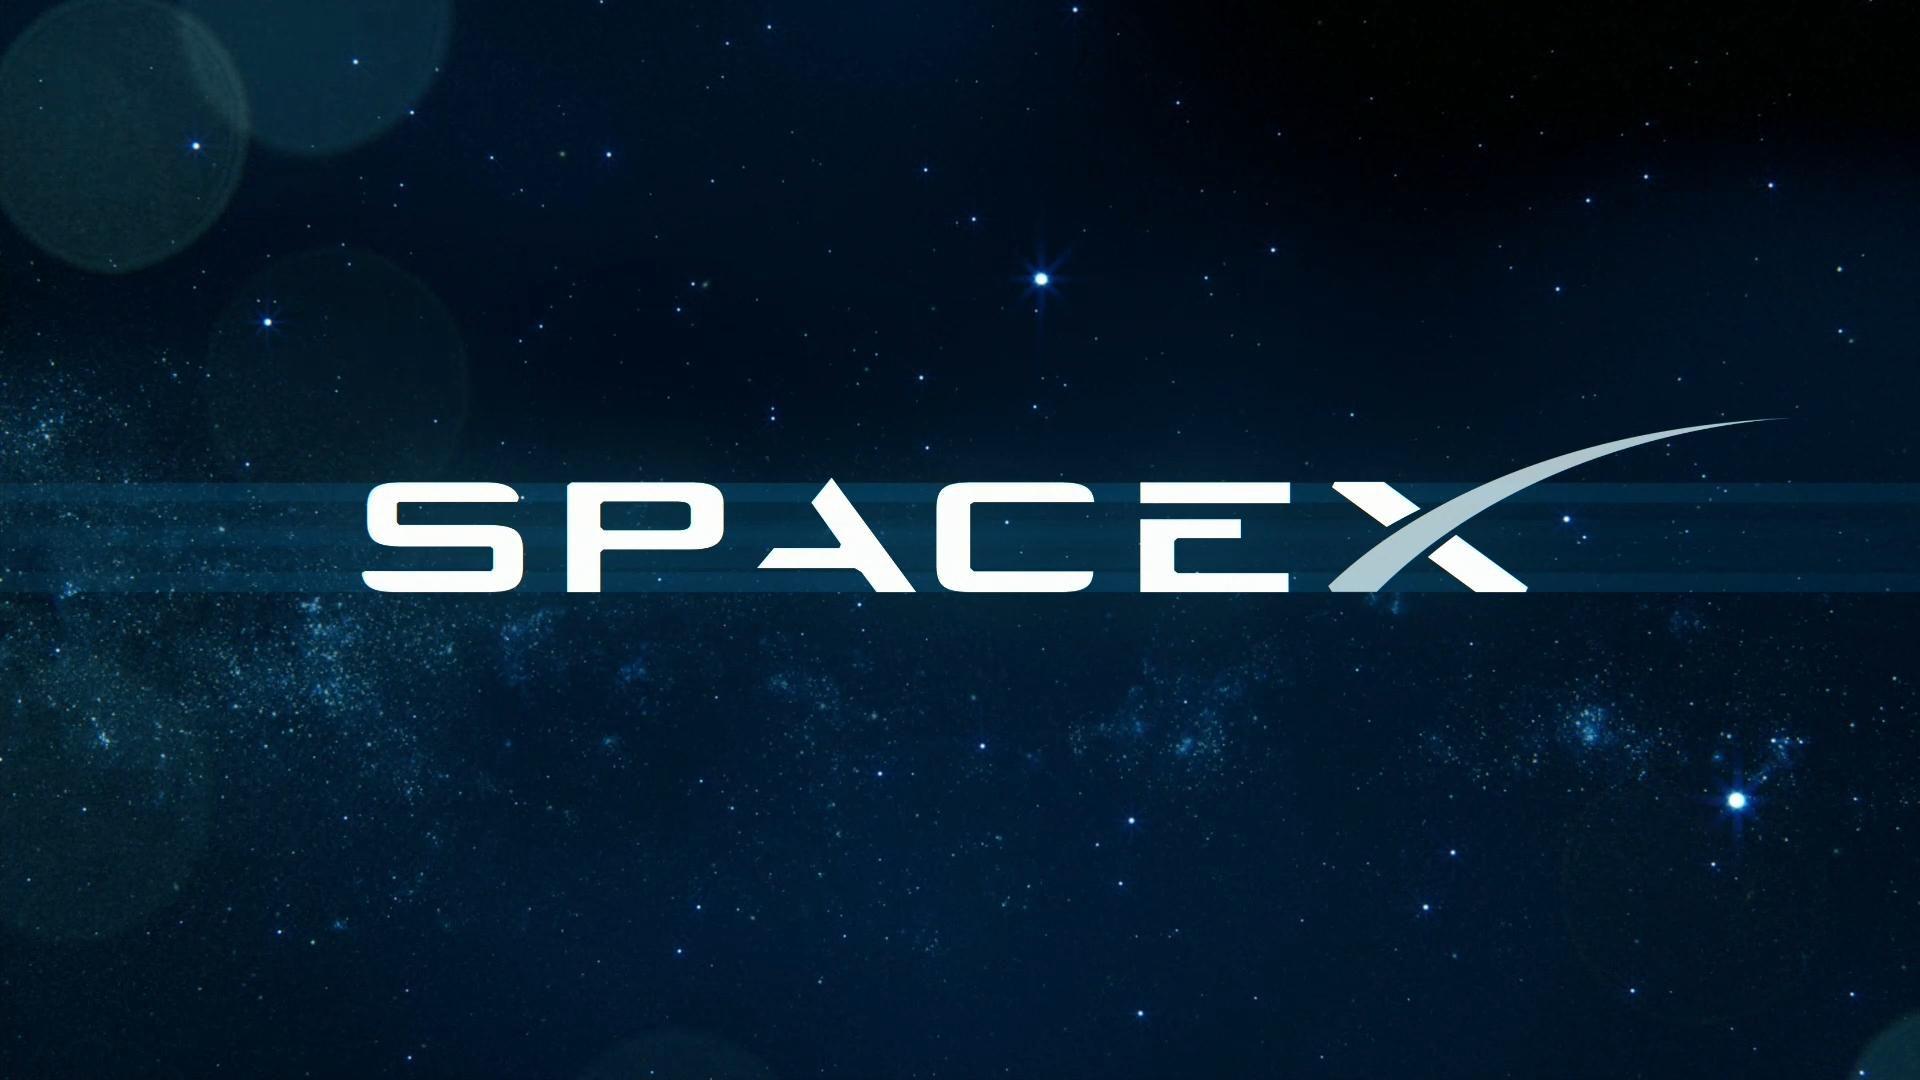 Spacex le spettacolari immagini del lancio ed atterraggio - Immagini stampabili a razzo ...